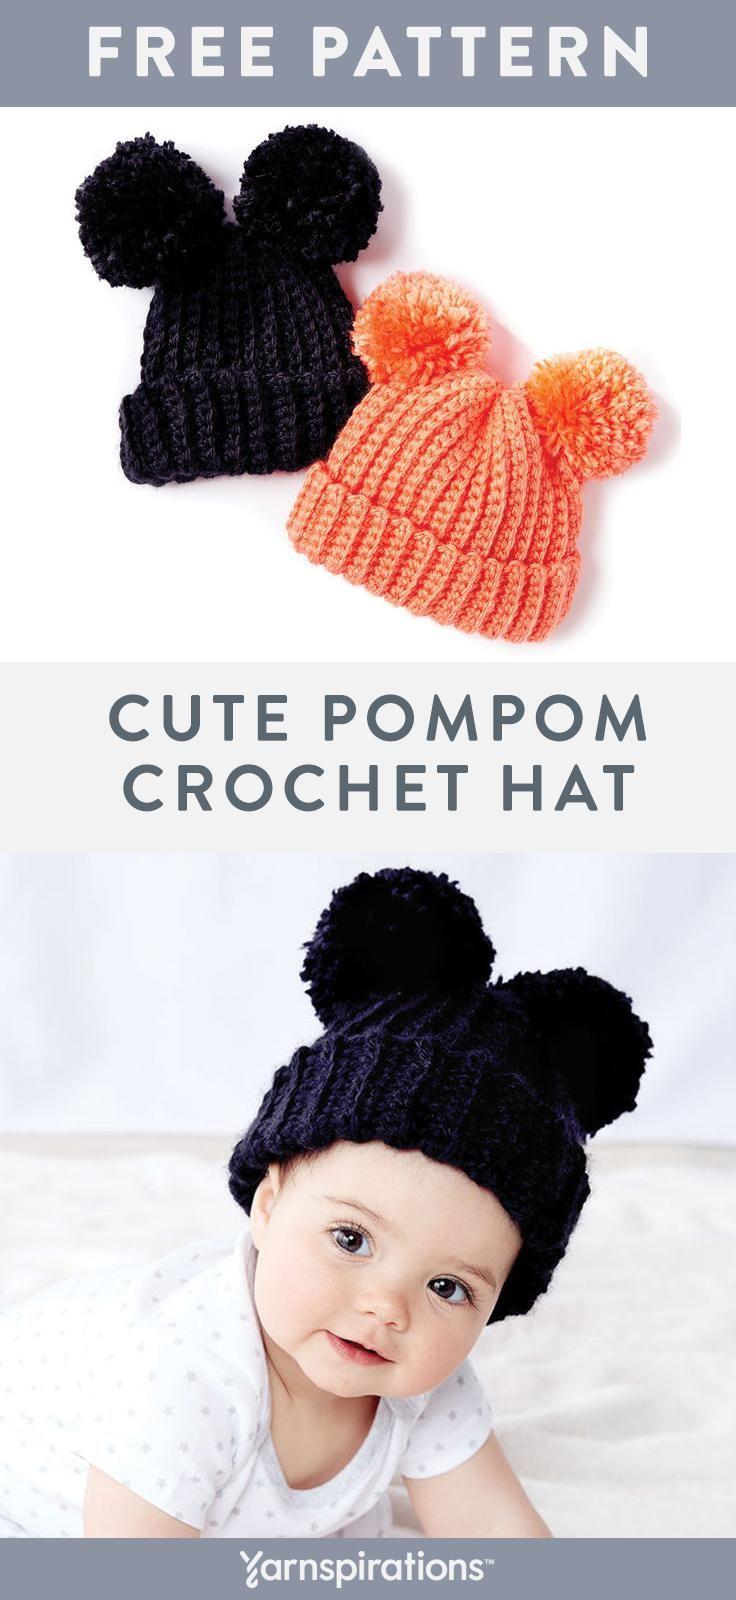 Enormes pompons inchados criam um divertido, orelhas de animais neste chapéu de crochê, feito com ...